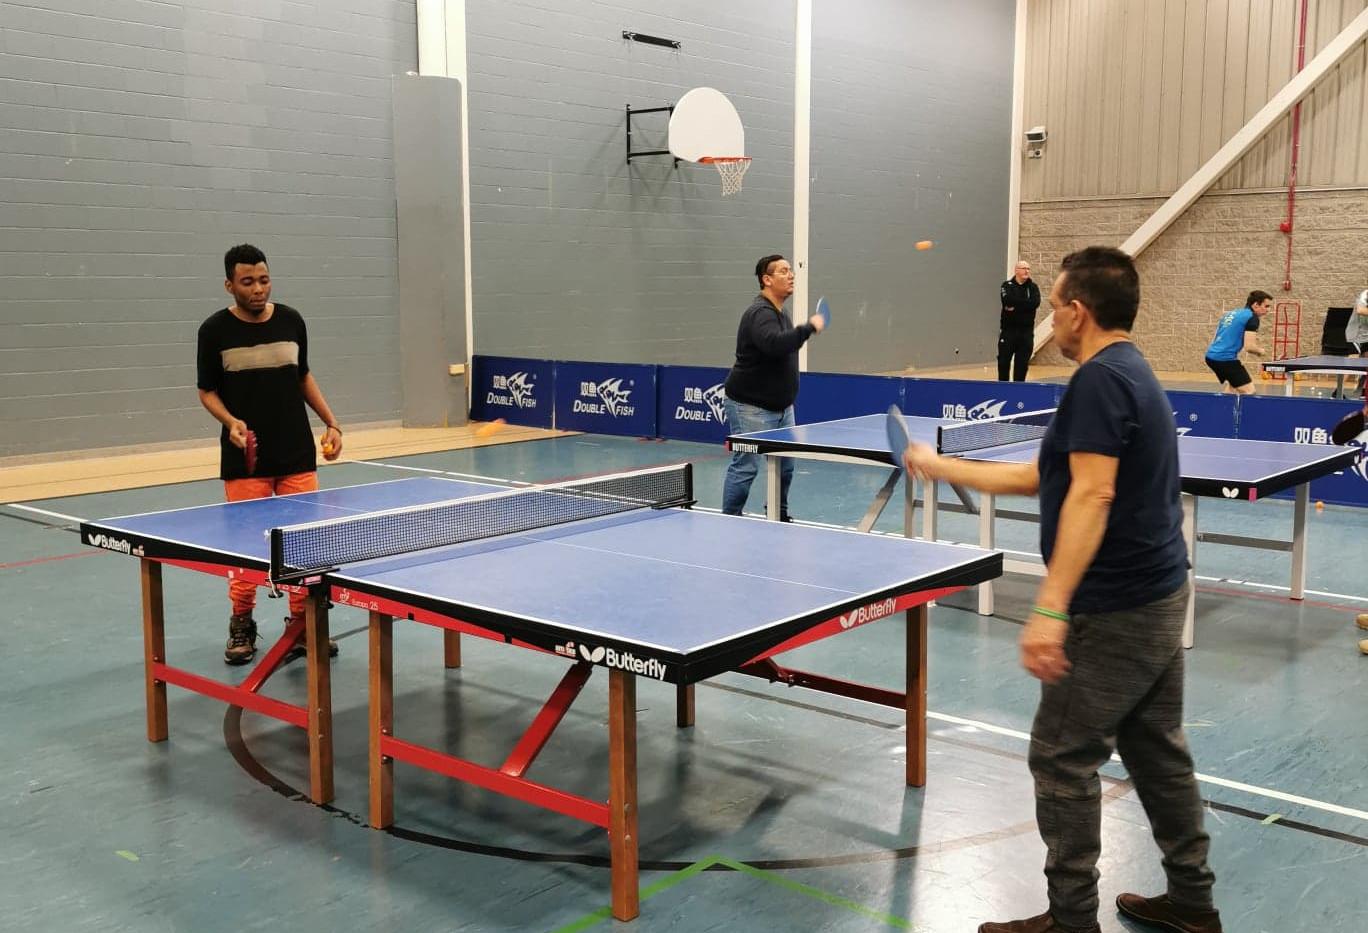 Comité homme, activité Ping-pong